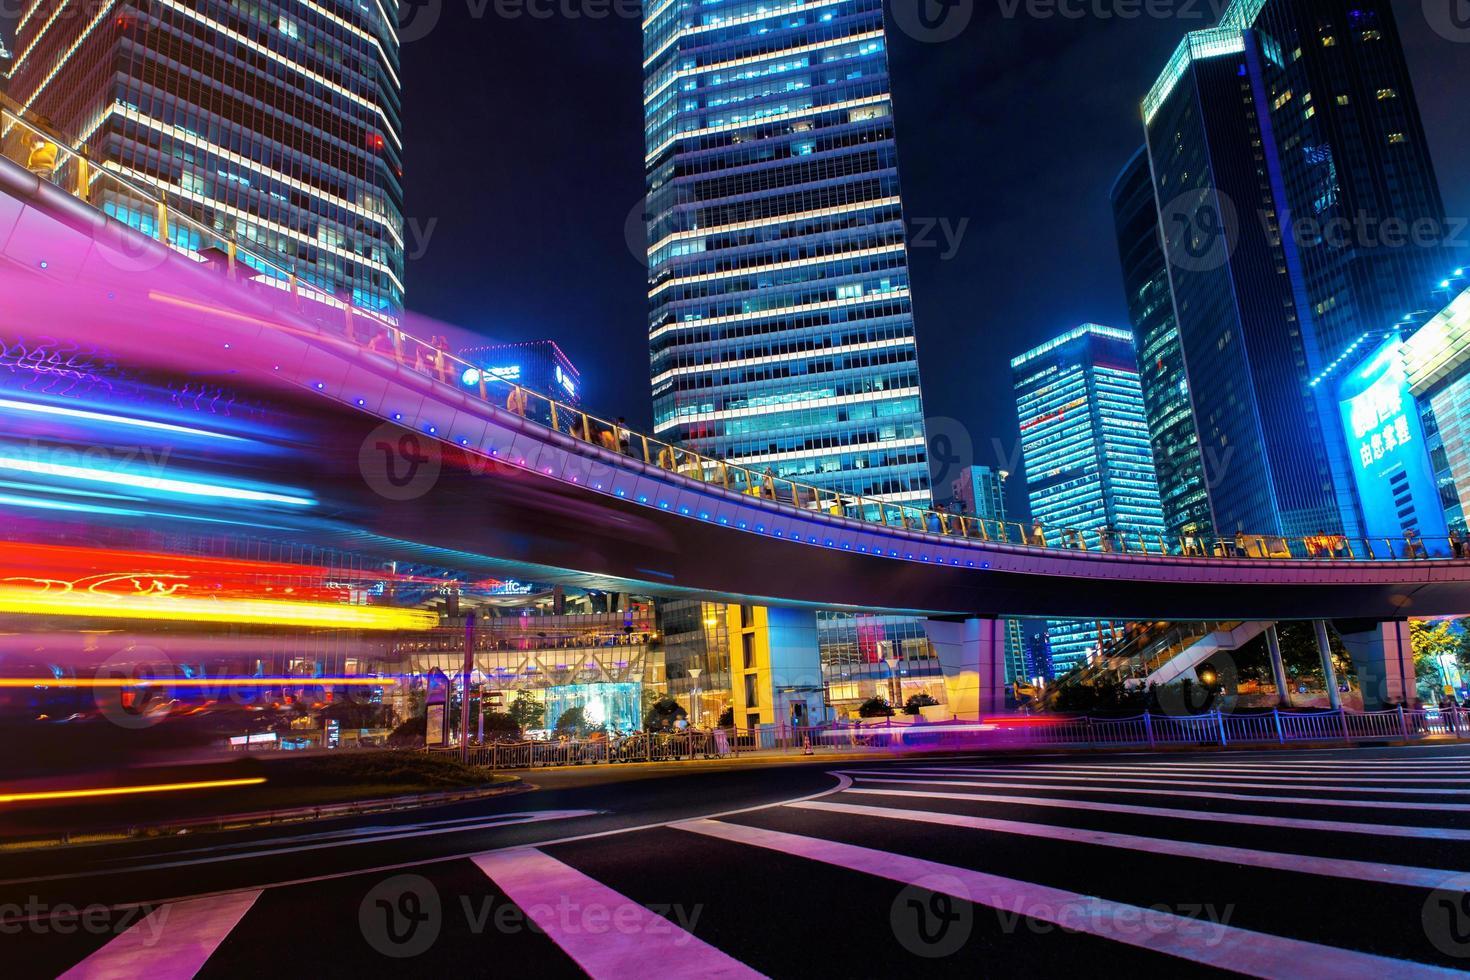 città moderna di notte. Shanghai Lujiazui Finance Street foto